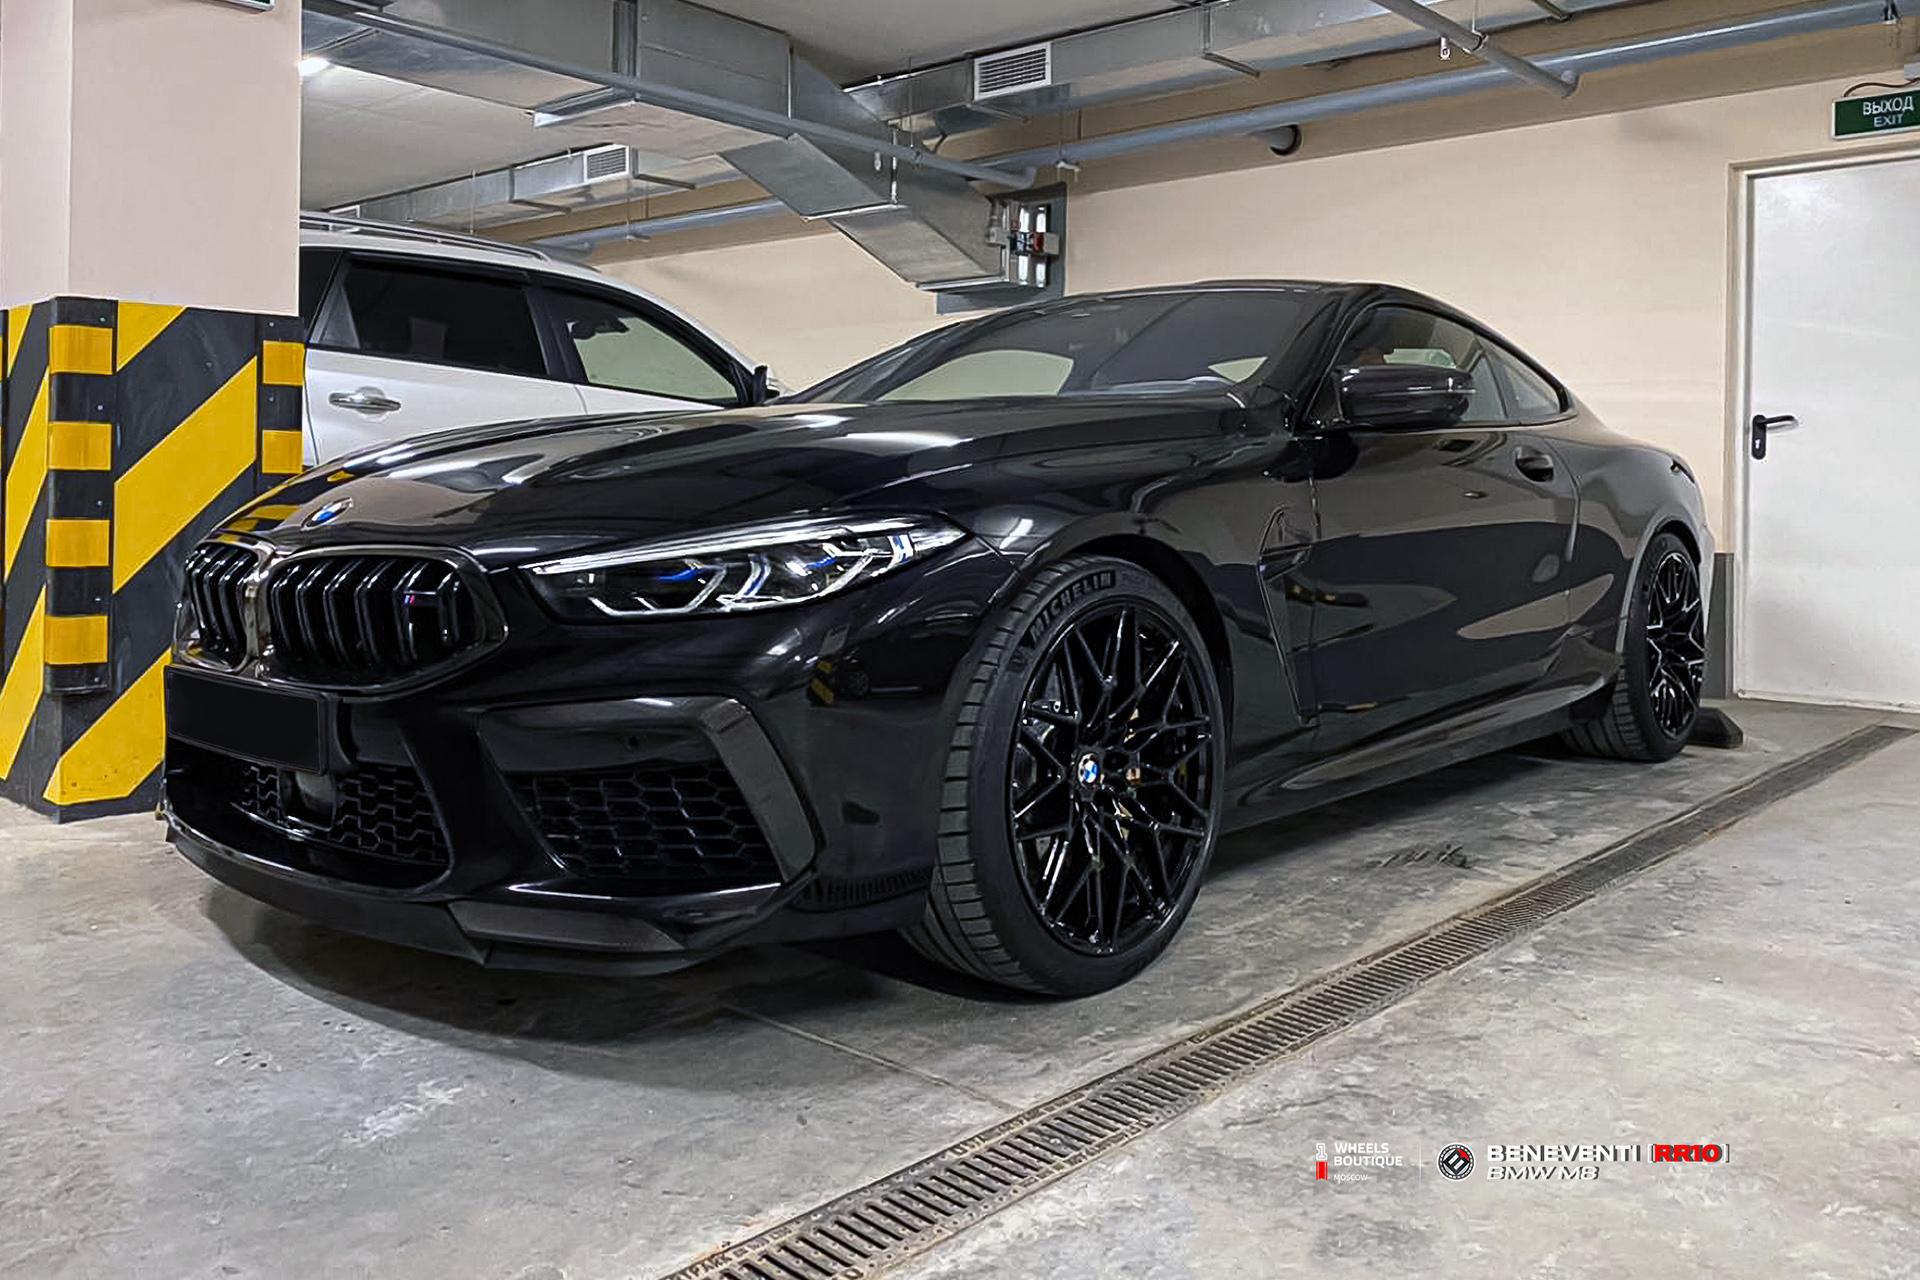 Кованый моноблок Beneventi RR10 в отделке черный глянец и BMW M8